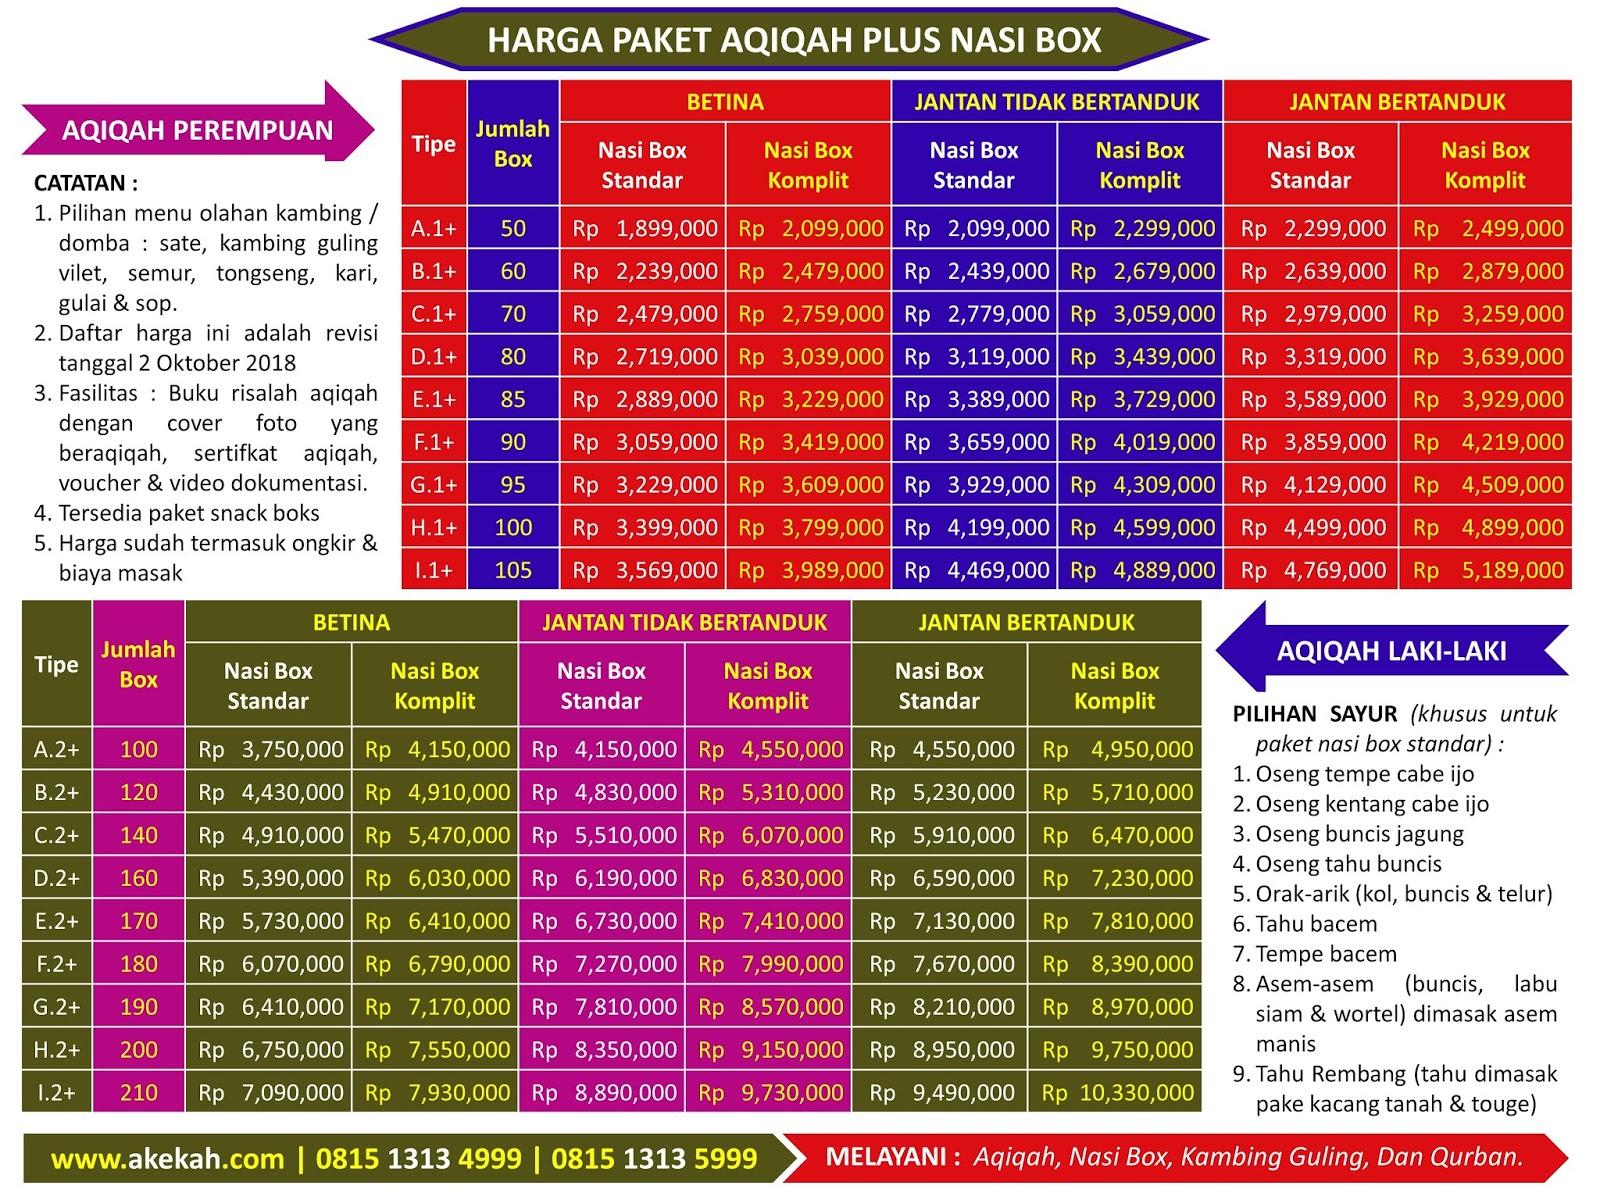 Harga Paket Aqiqah & Catering Murah Untuk Anak Laki-Laki Wilayah Cibungbulang Kabupaten Bogor Jawa Barat